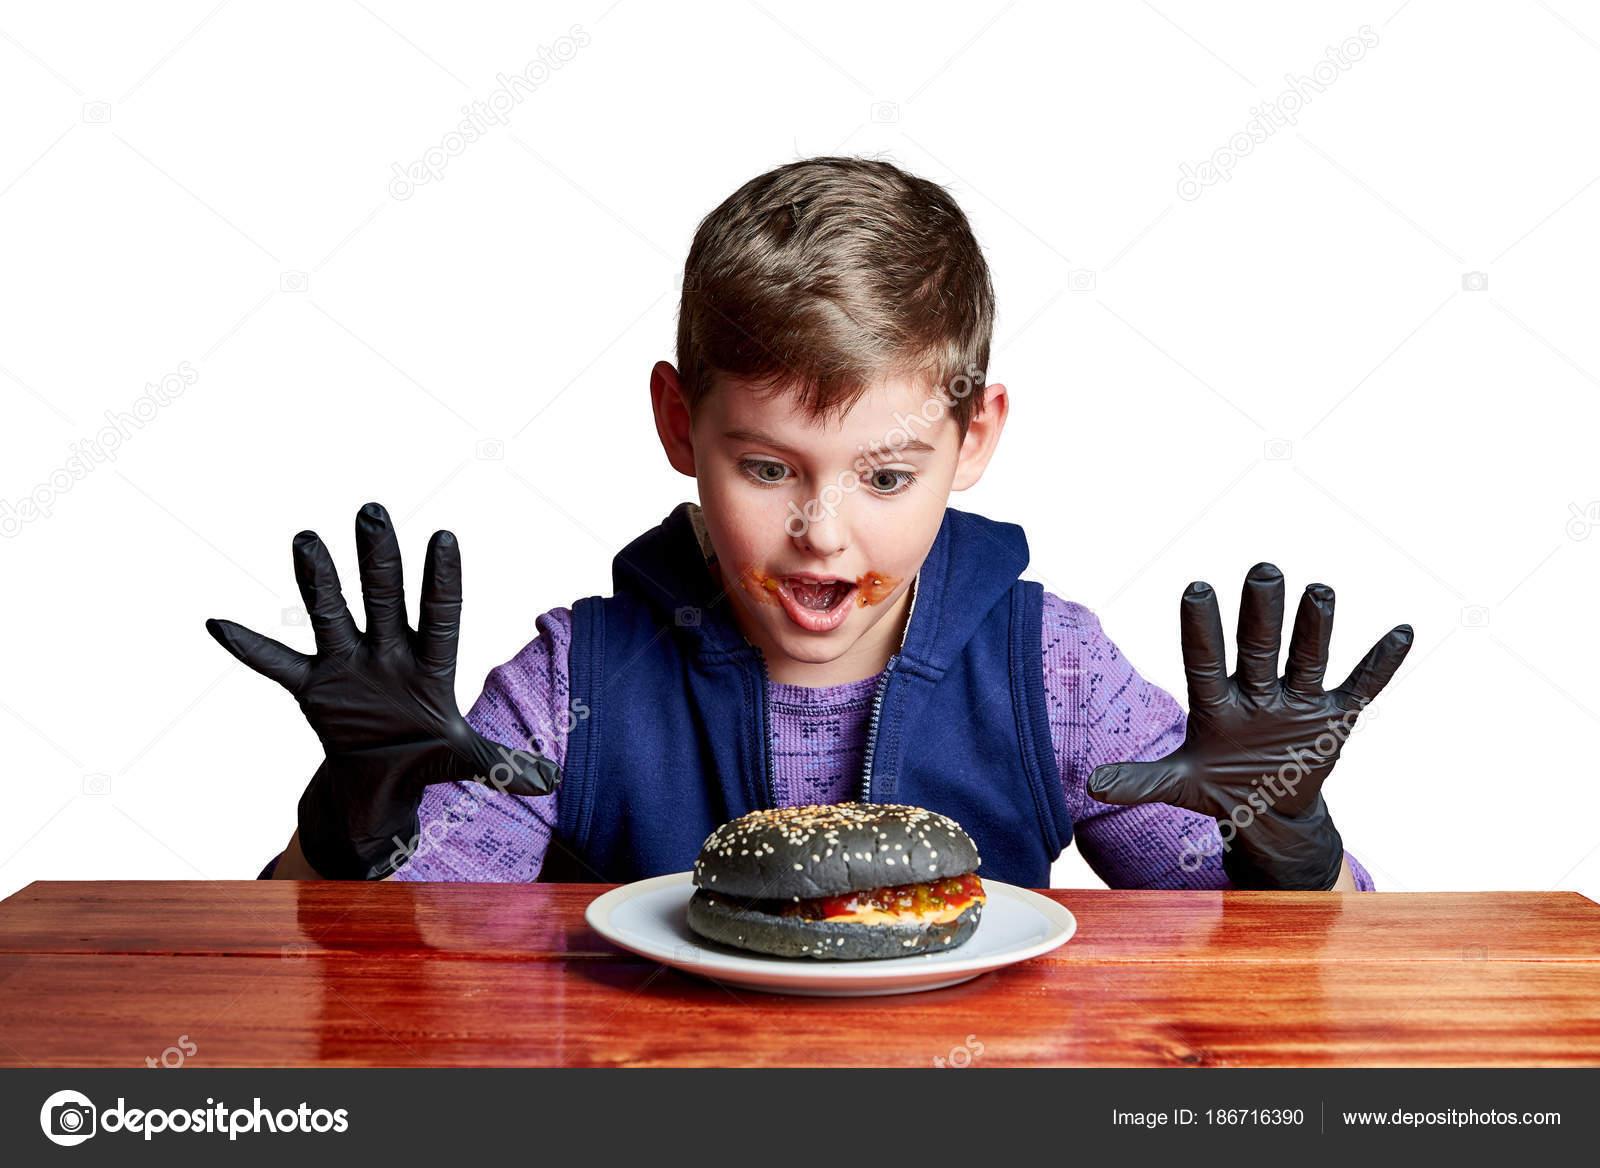 junge schwarze handschuhe emotional einen burger essen tisch auf einem stockfoto. Black Bedroom Furniture Sets. Home Design Ideas